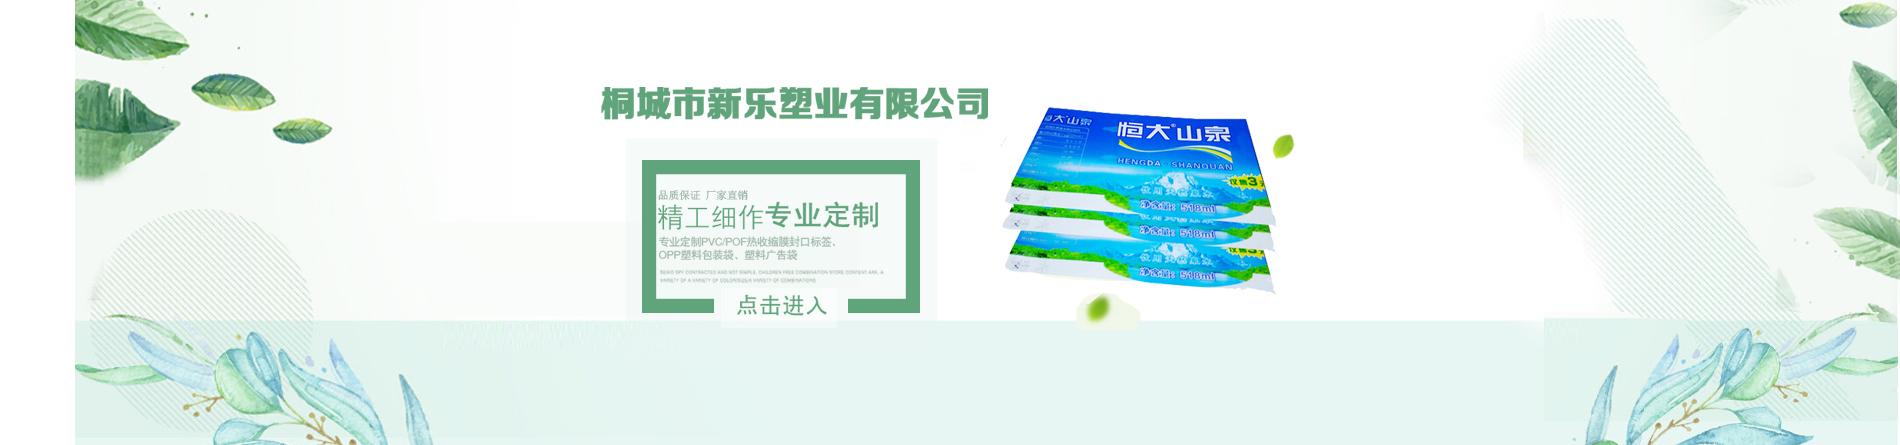 中国矿泉水产业网